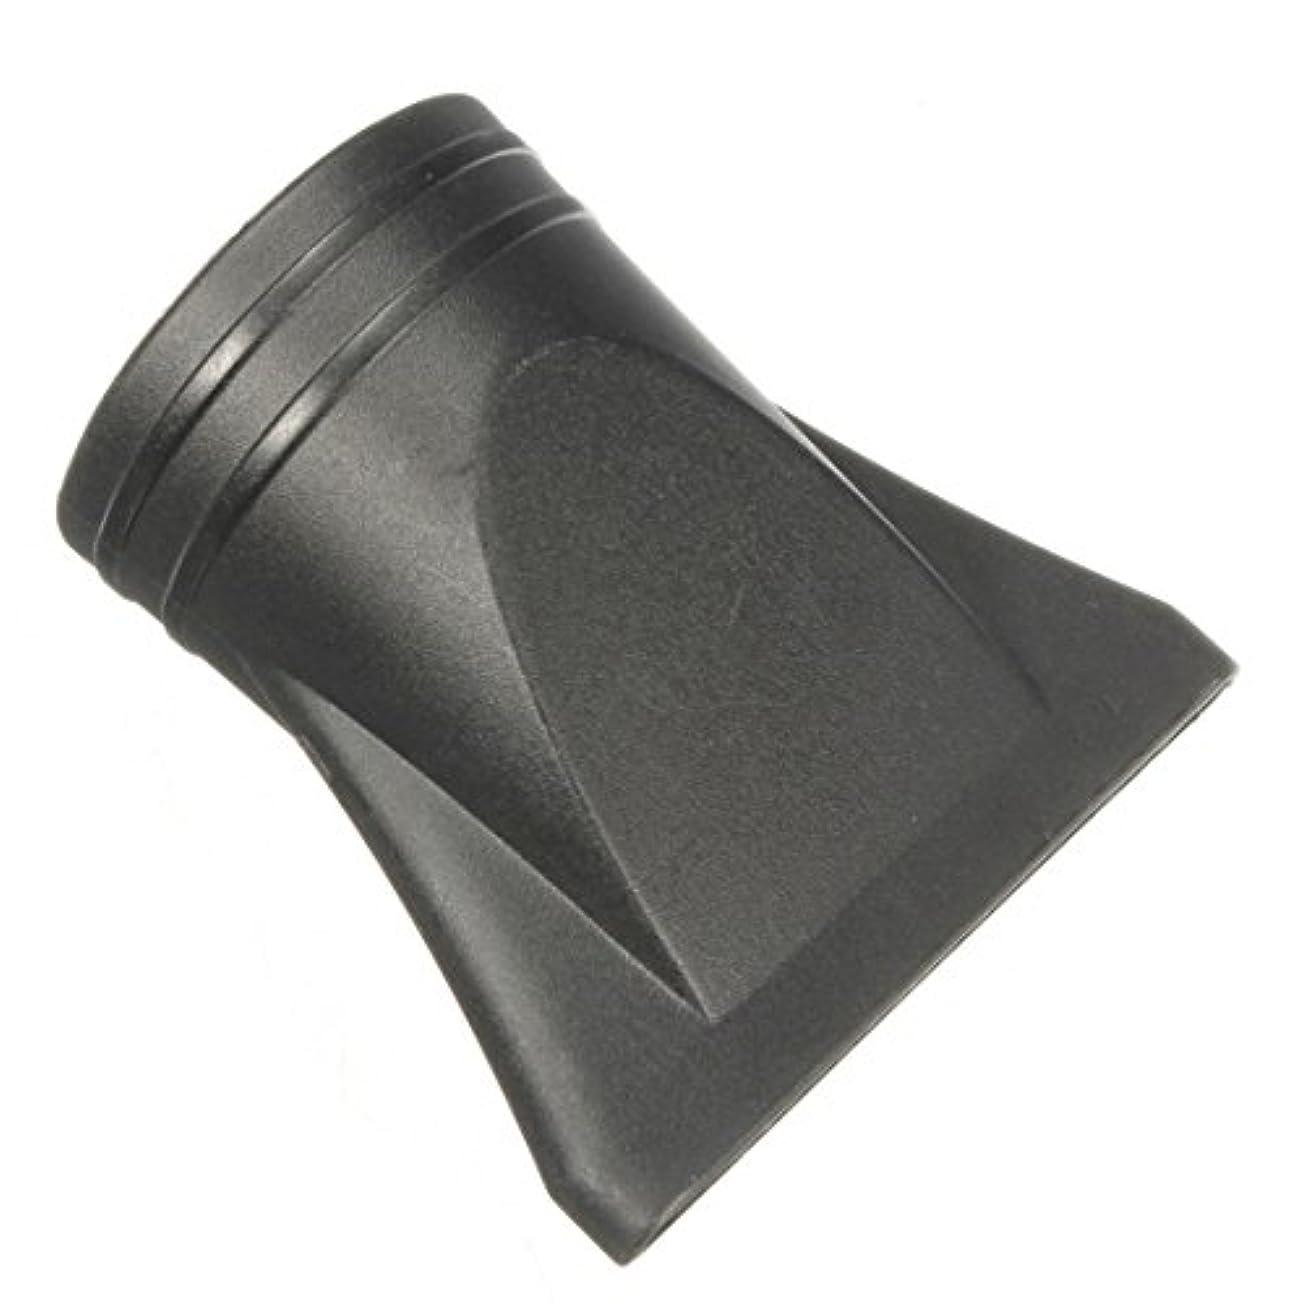 後退する酔ったシャットJicorzo - 1PCSプラスチックサロン交換フェラフラットヘアドライヤー乾燥コンセントレータブラックノズルスタイリングツールのフードカバーワイド狭いサイズ[ワイド]